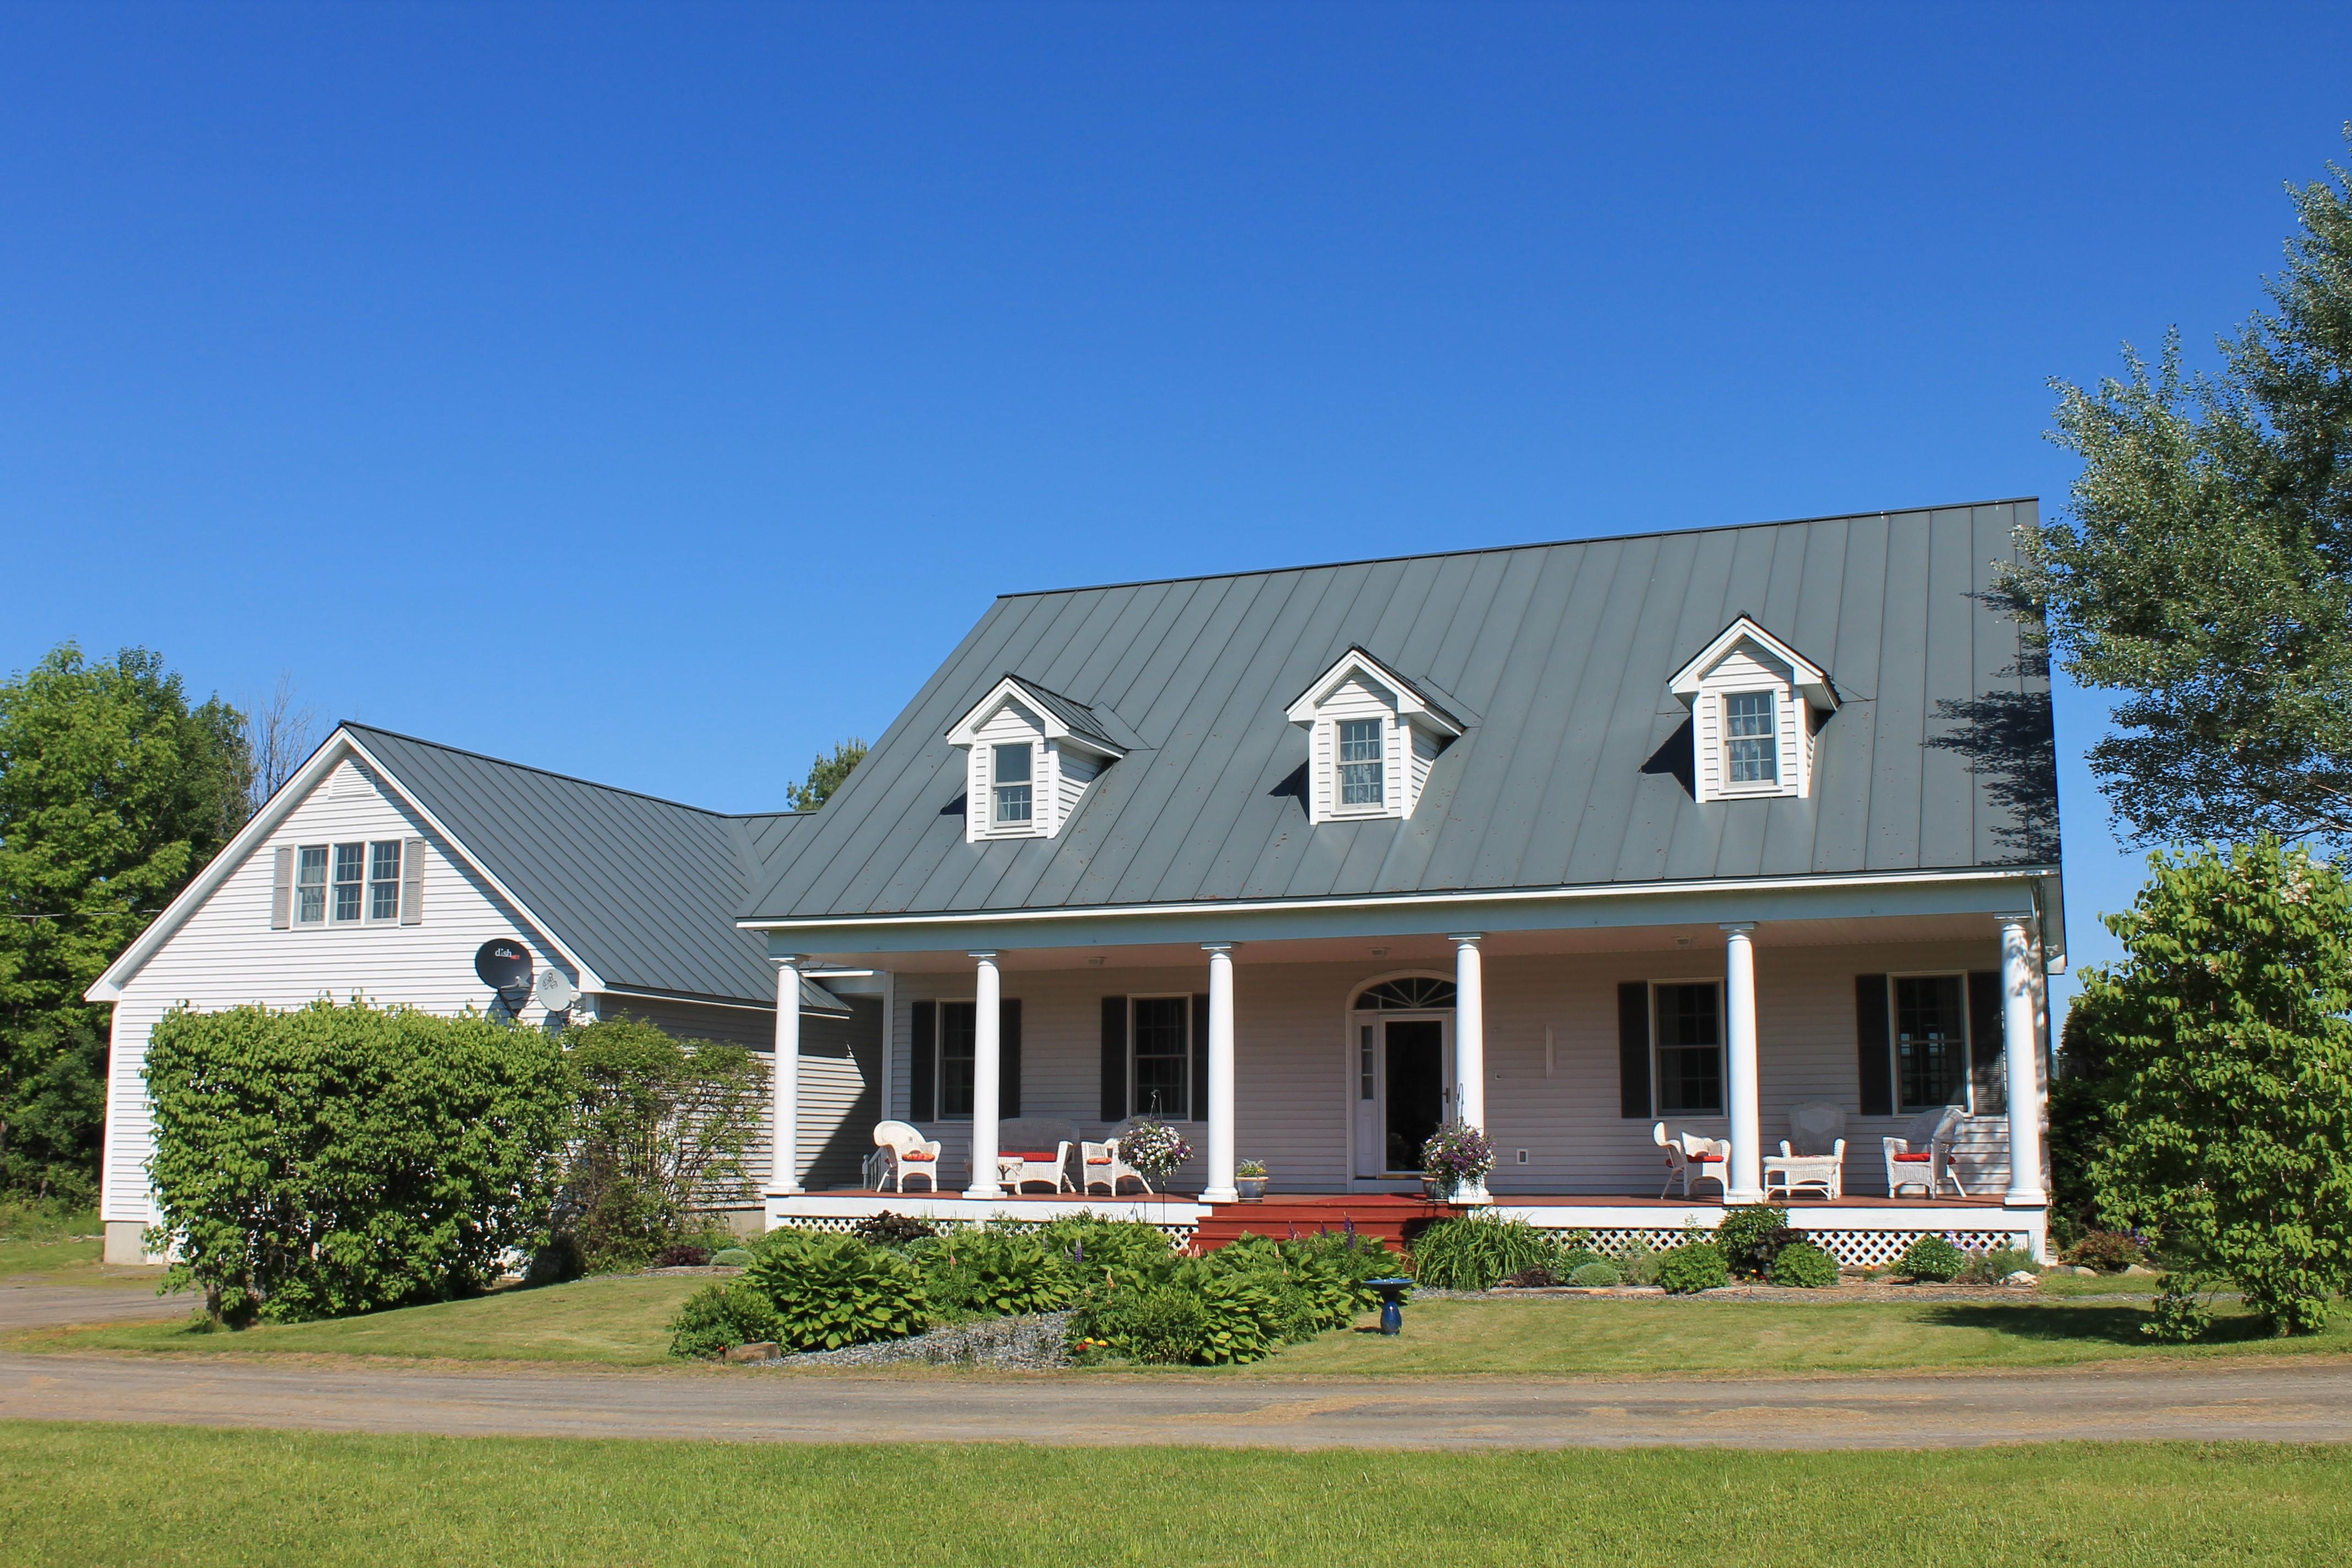 Maison unifamiliale pour l Vente à 610 Rogers Road, Randolph 610 Rogers Rd Randolph, Vermont, 05060 États-Unis